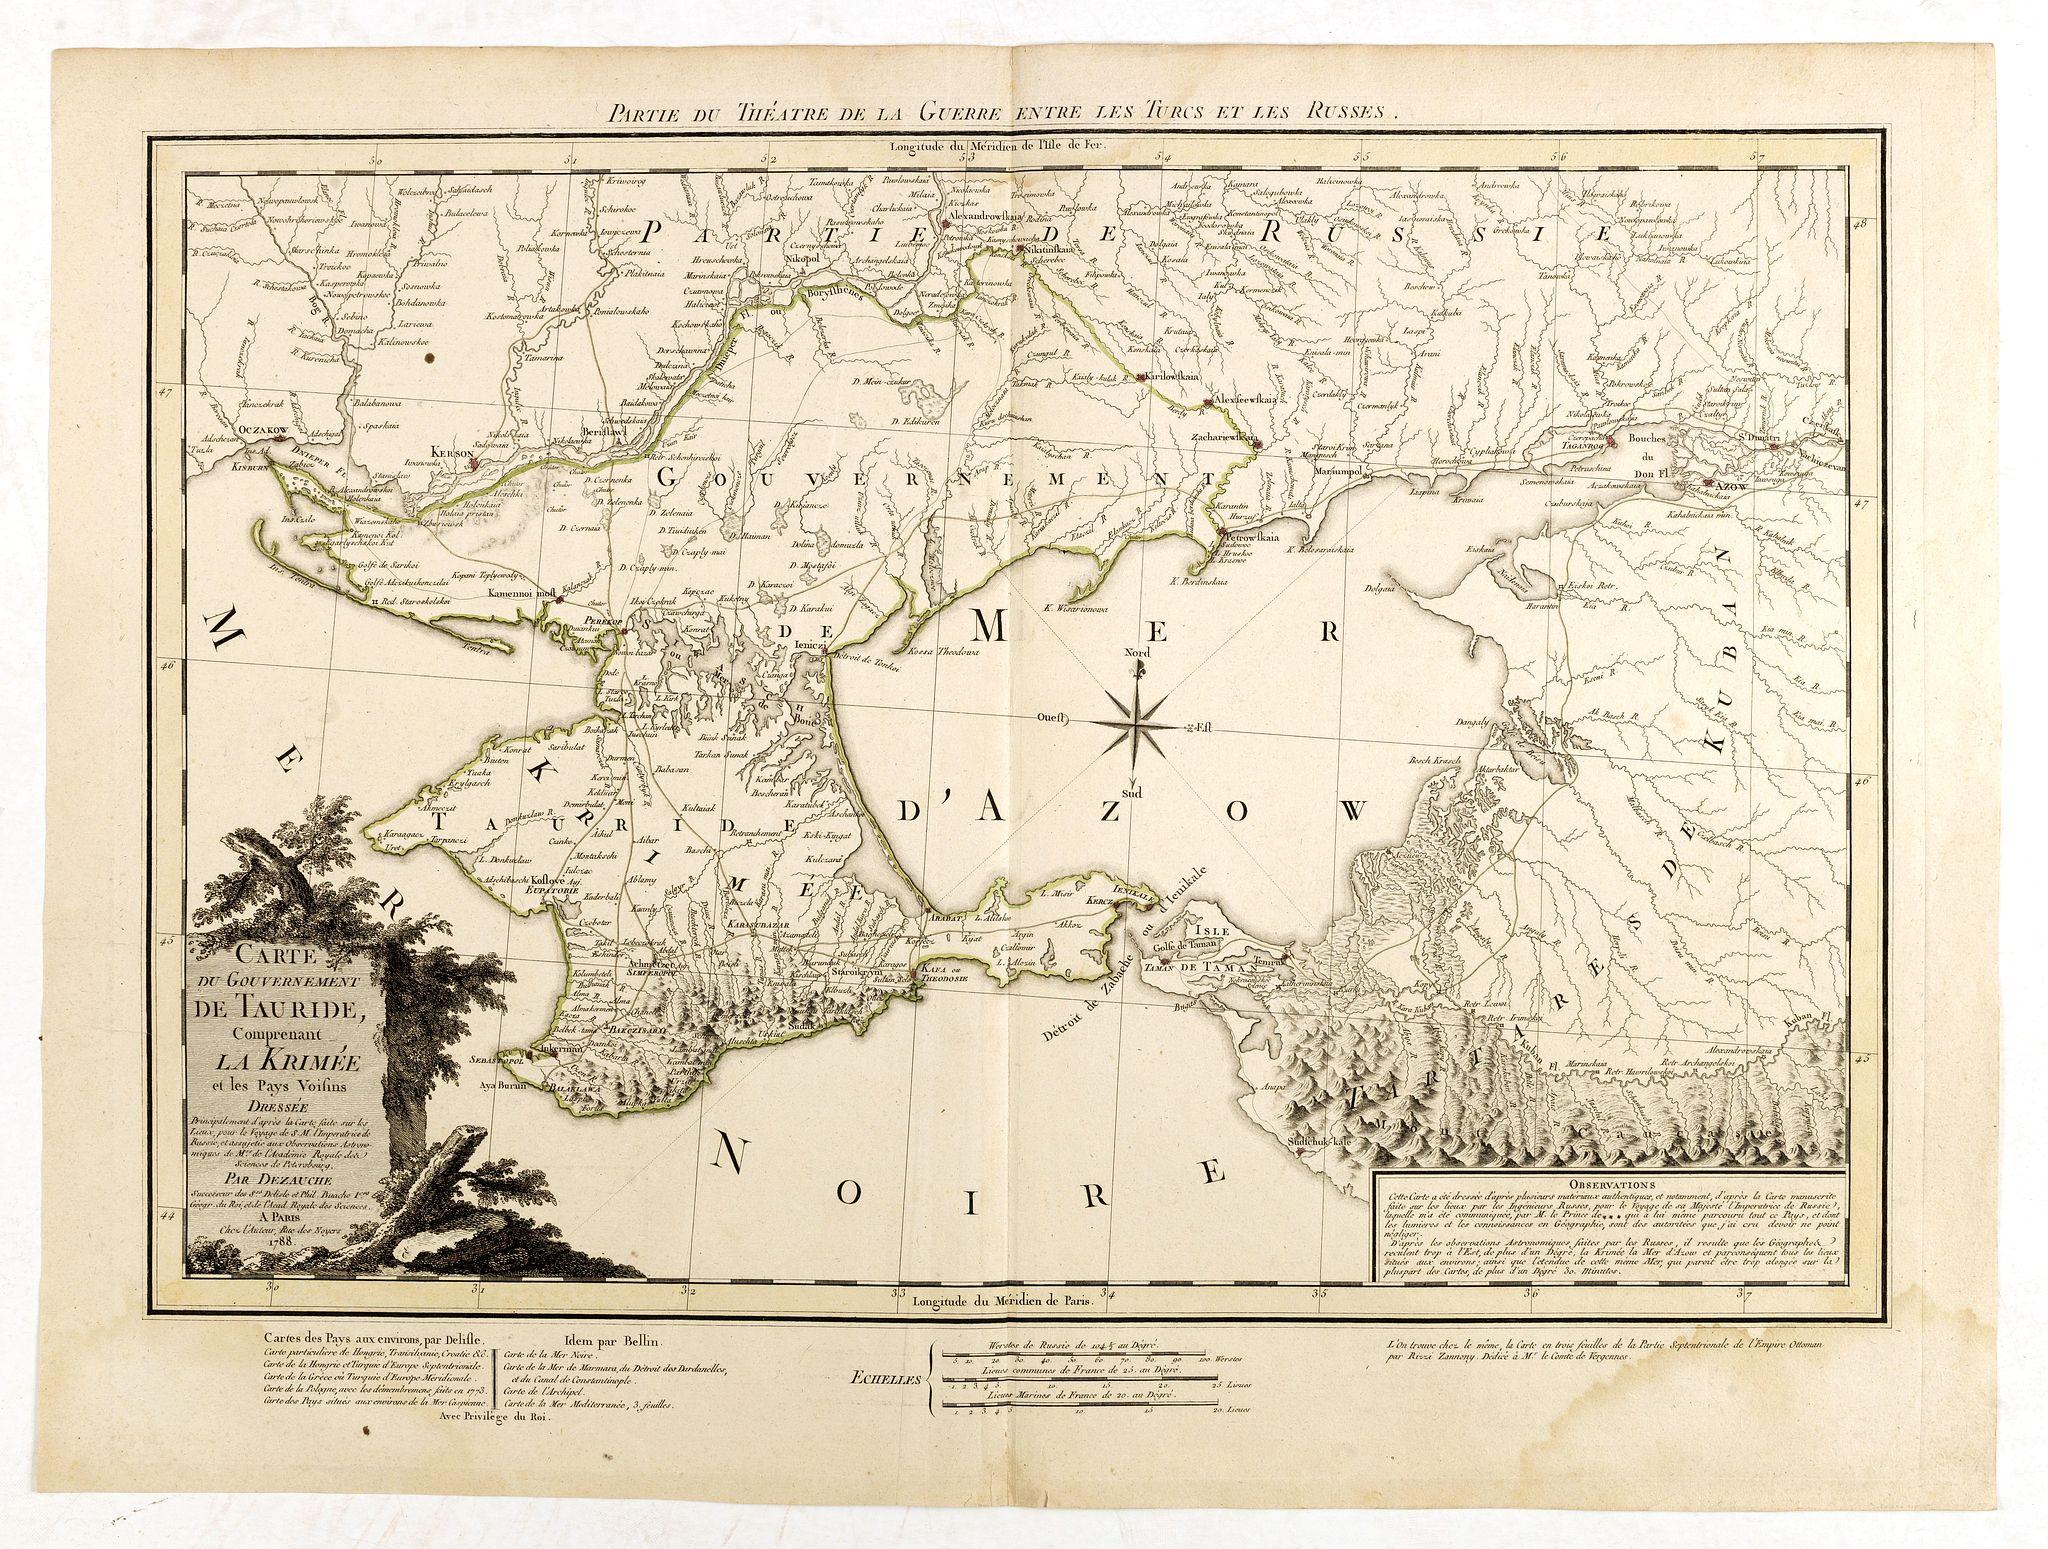 DEZAUCHE, J. C. -  Carte du Gouvernement de Tauride, comprenant la Krimée et les pays voisins: dressée principalement d'après la carte faite sur les lieux pour le voyage de S.M. l'impératrice de Russie. . .